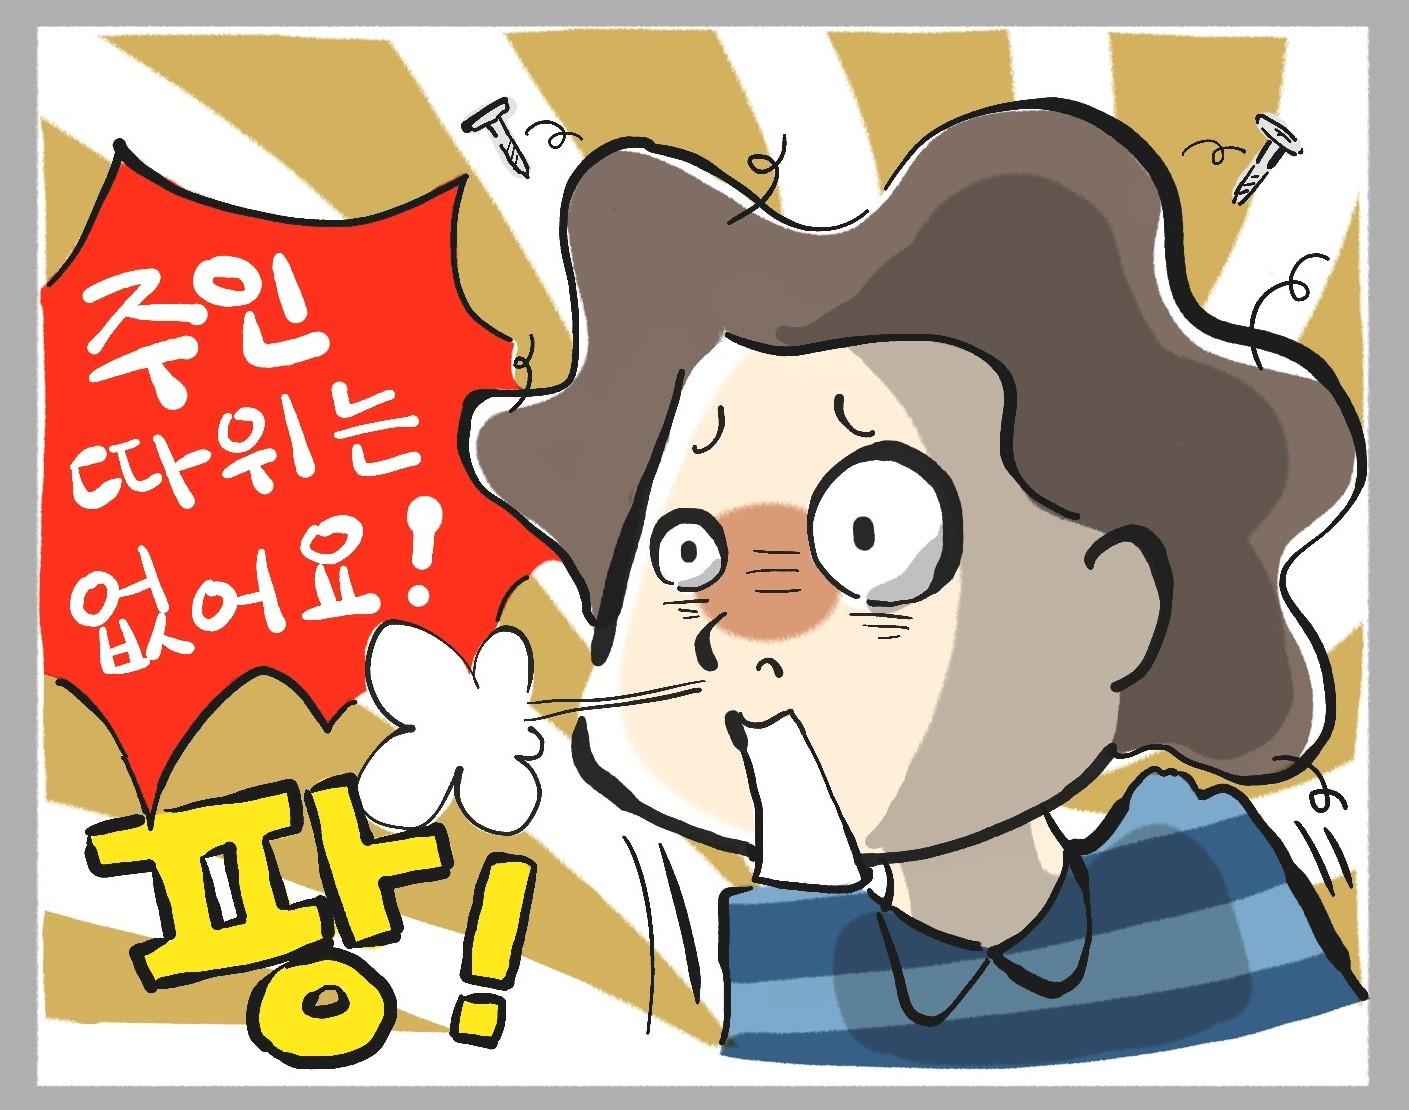 만화가 오오시마 후미코의 칼럼   주인 따위는 없어요!